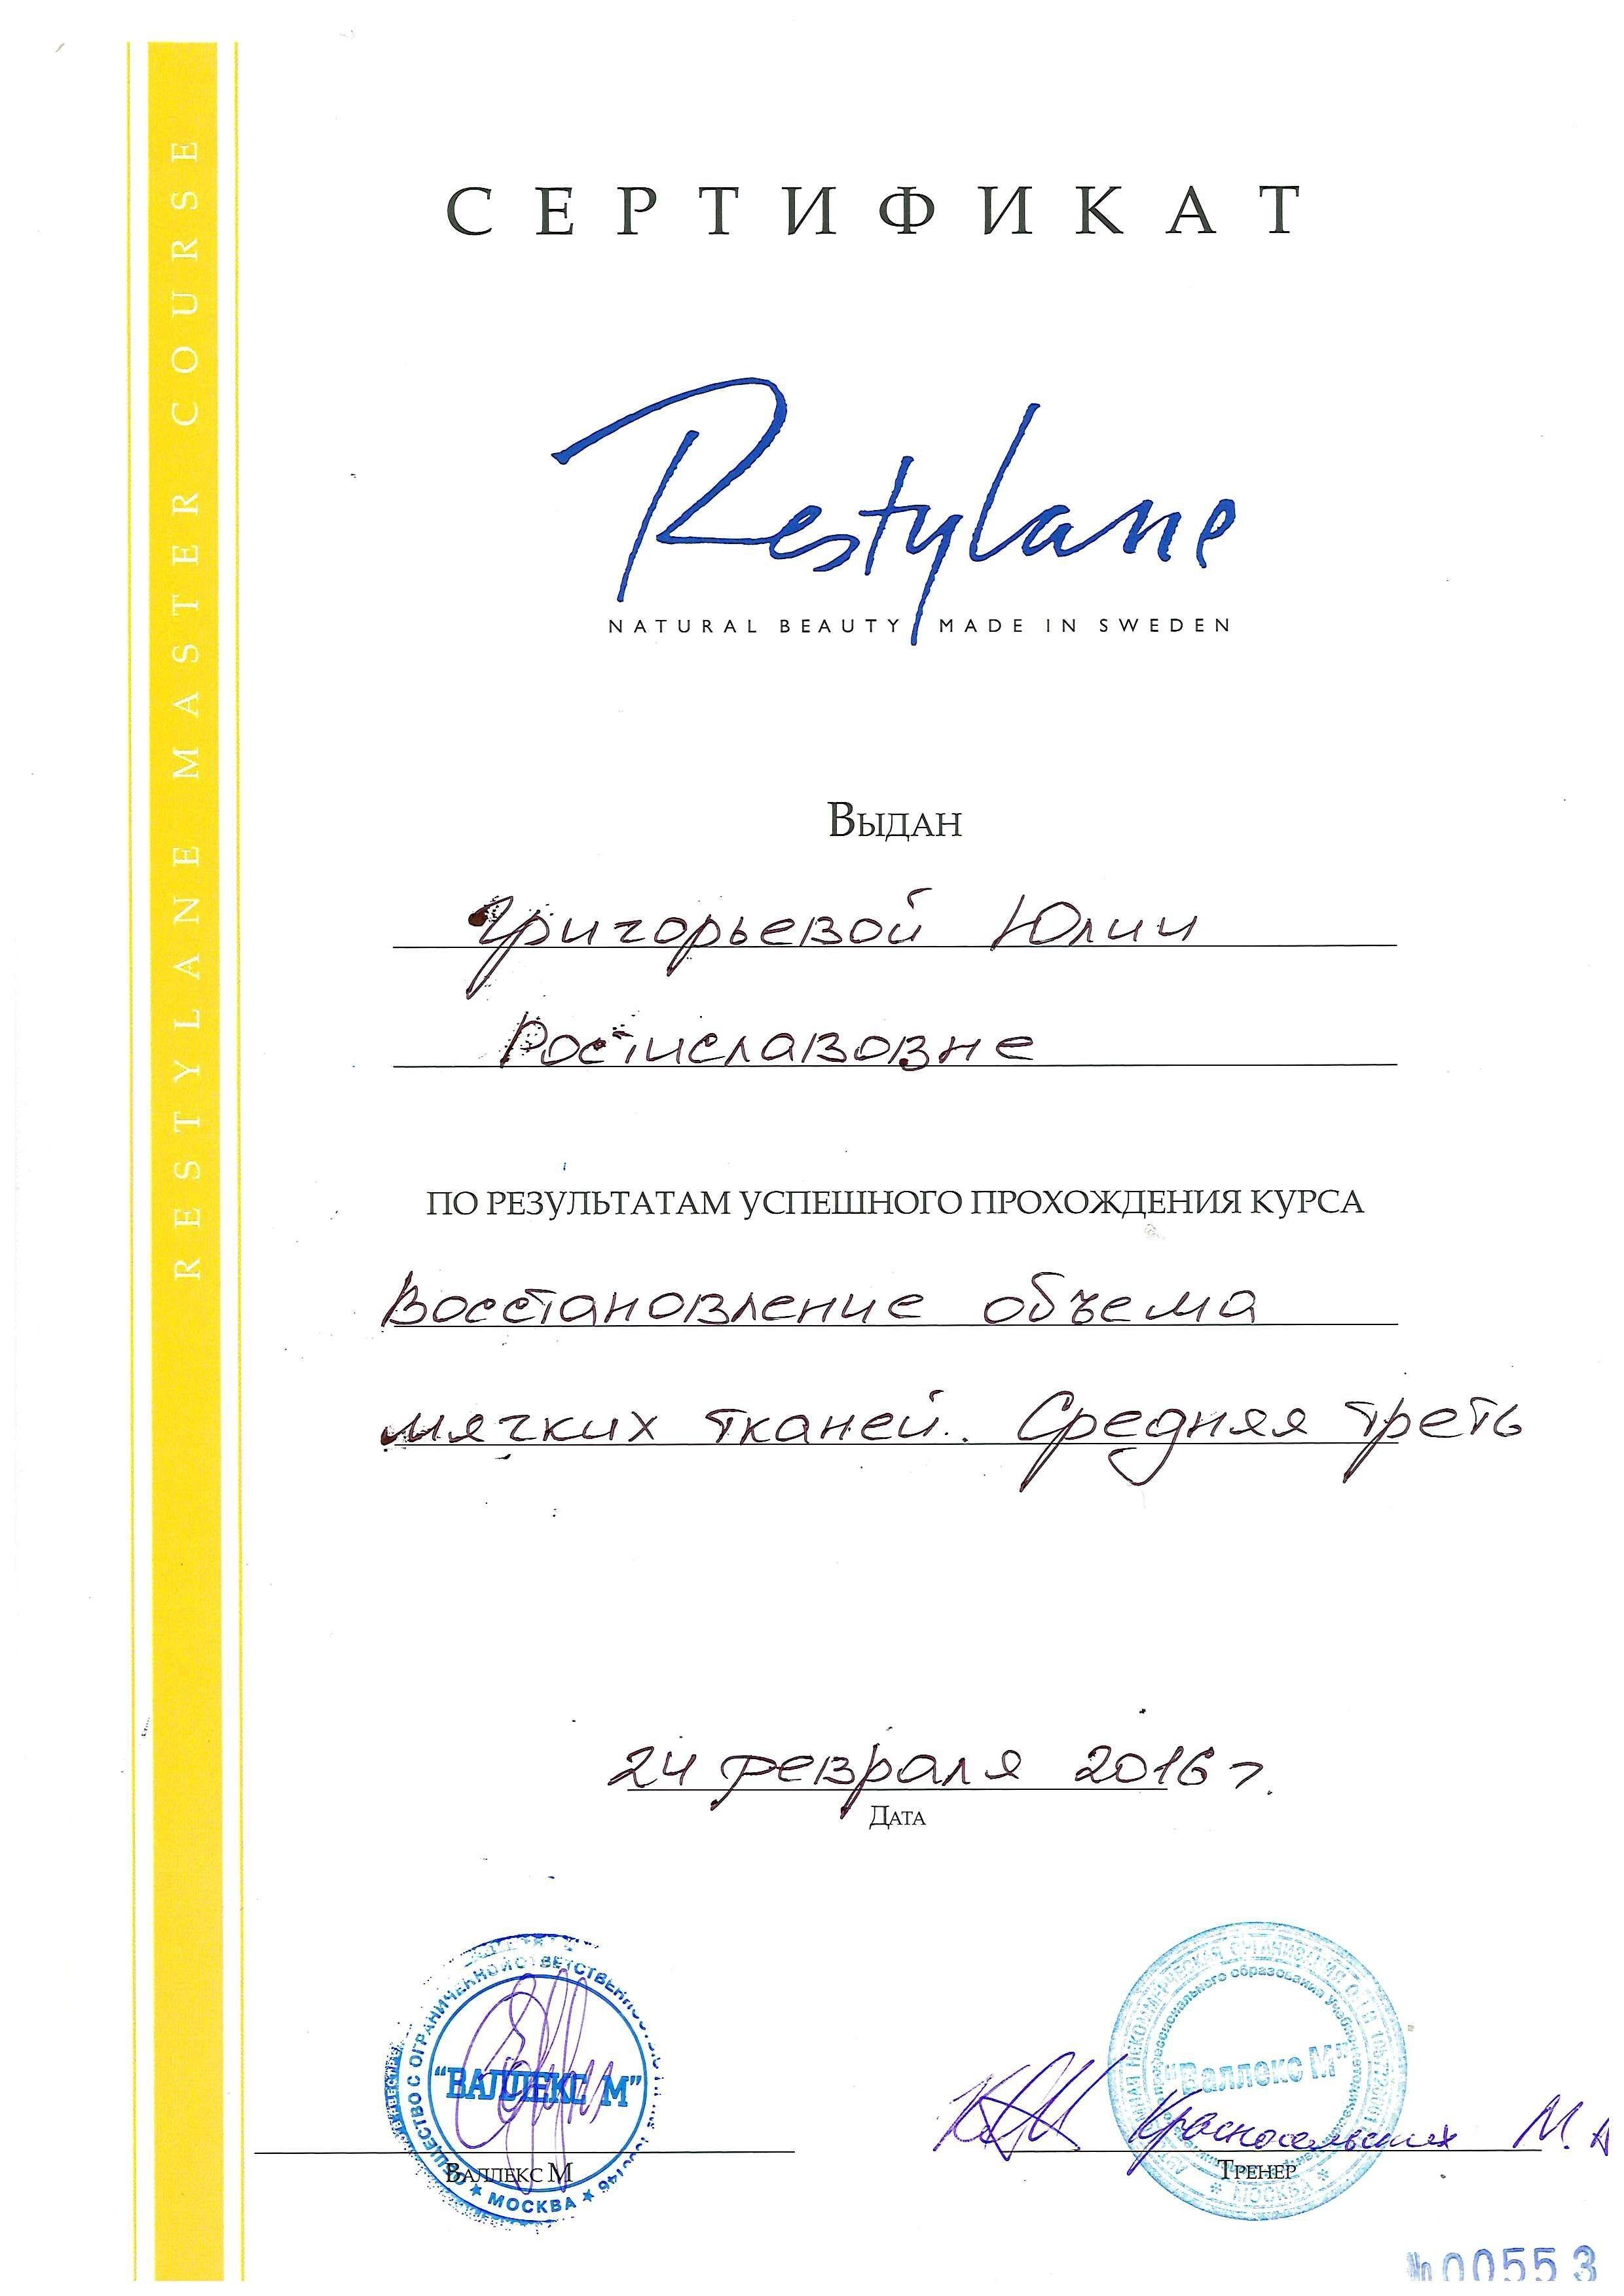 Сертификат — Курс «Восстановление объема мягких тканей». Григорьева Юлия Ростиславовна